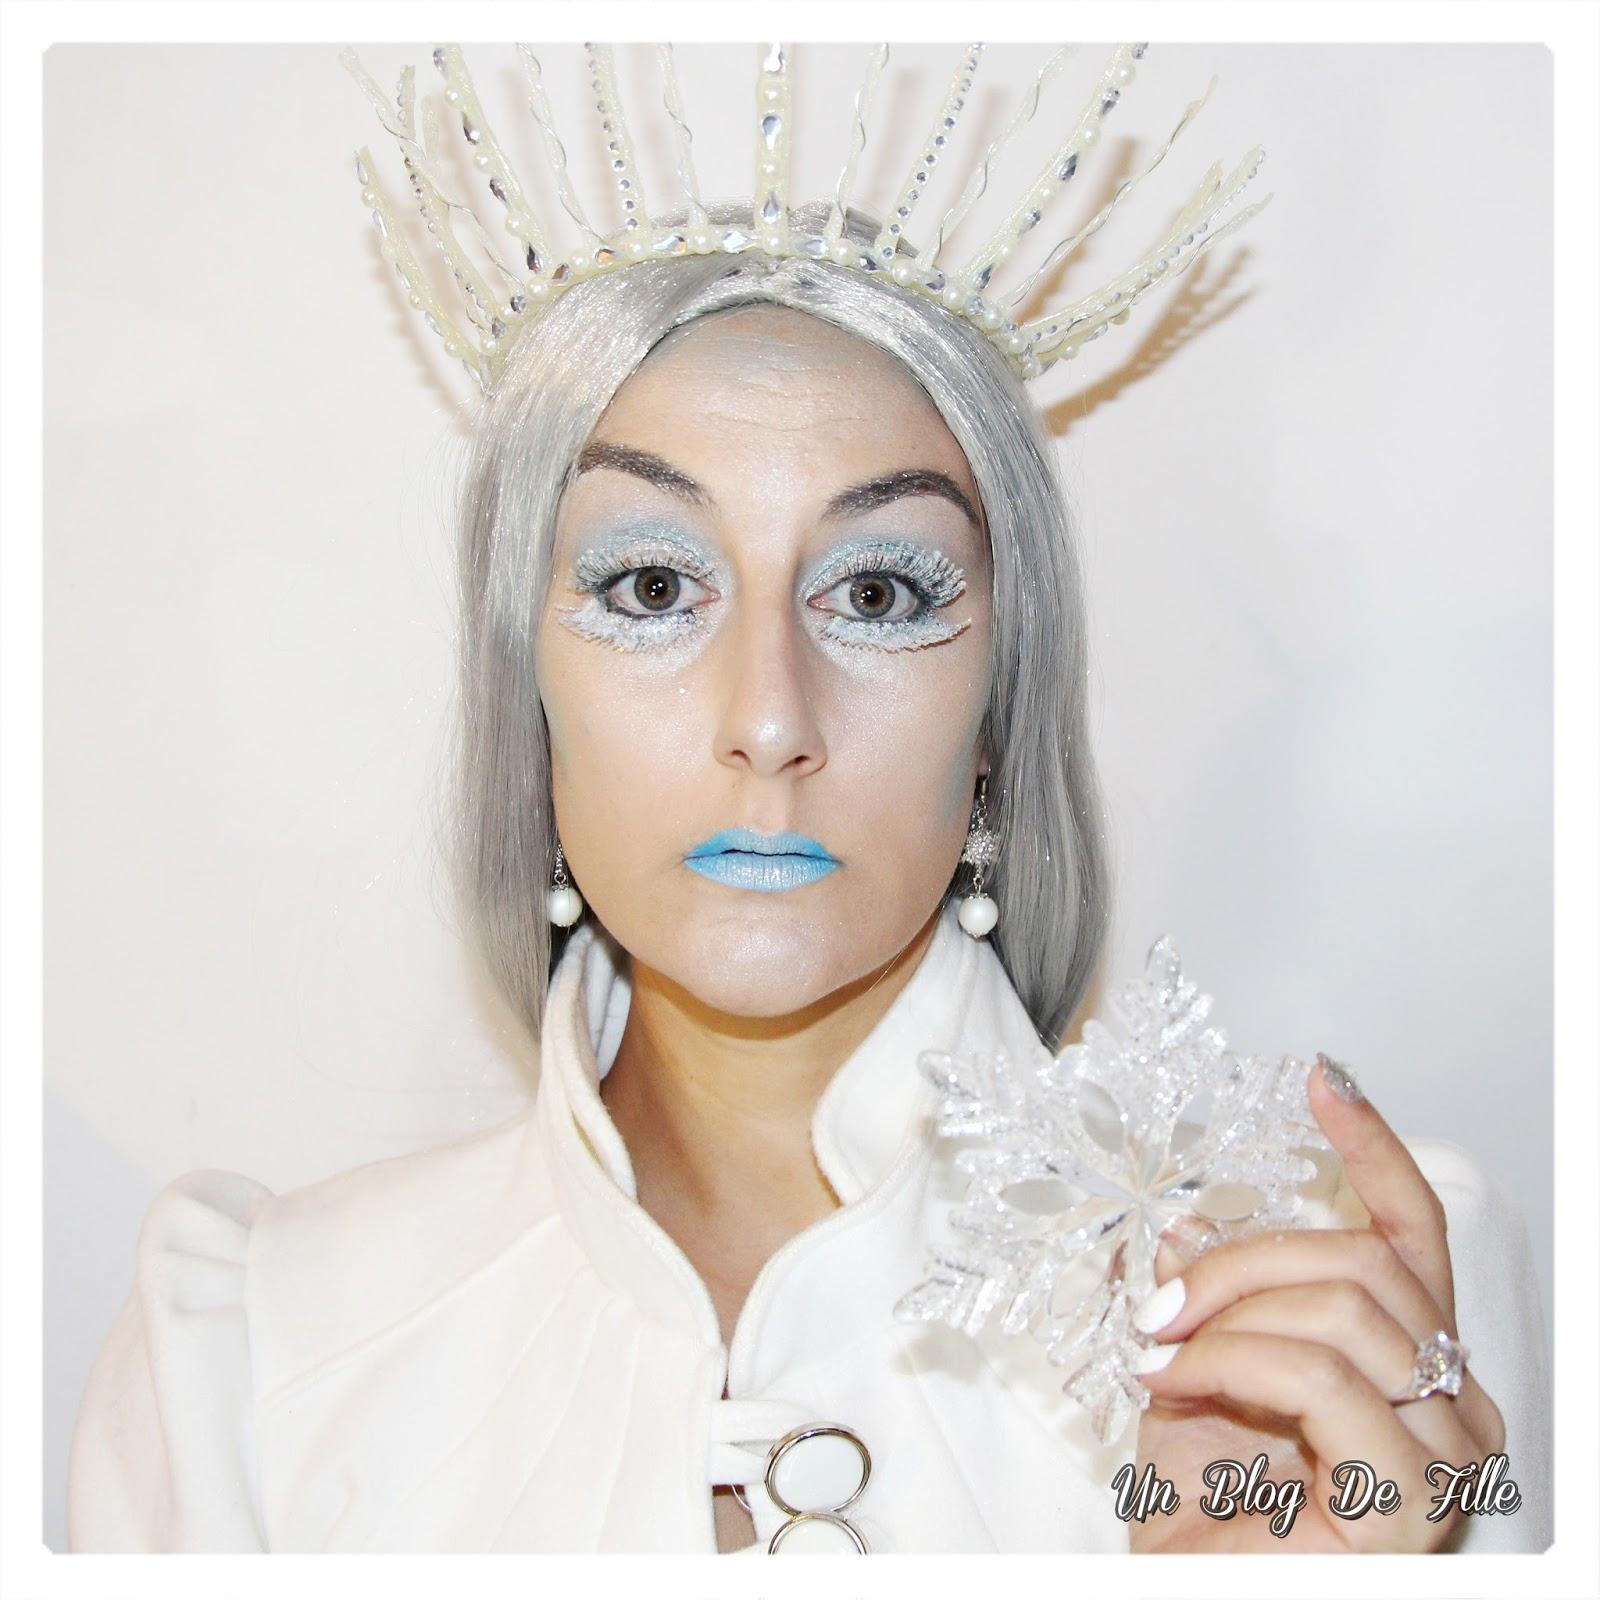 http://unblogdefille.blogspot.fr/2017/12/maquillage-artistique-reine-des-glaces-a.html